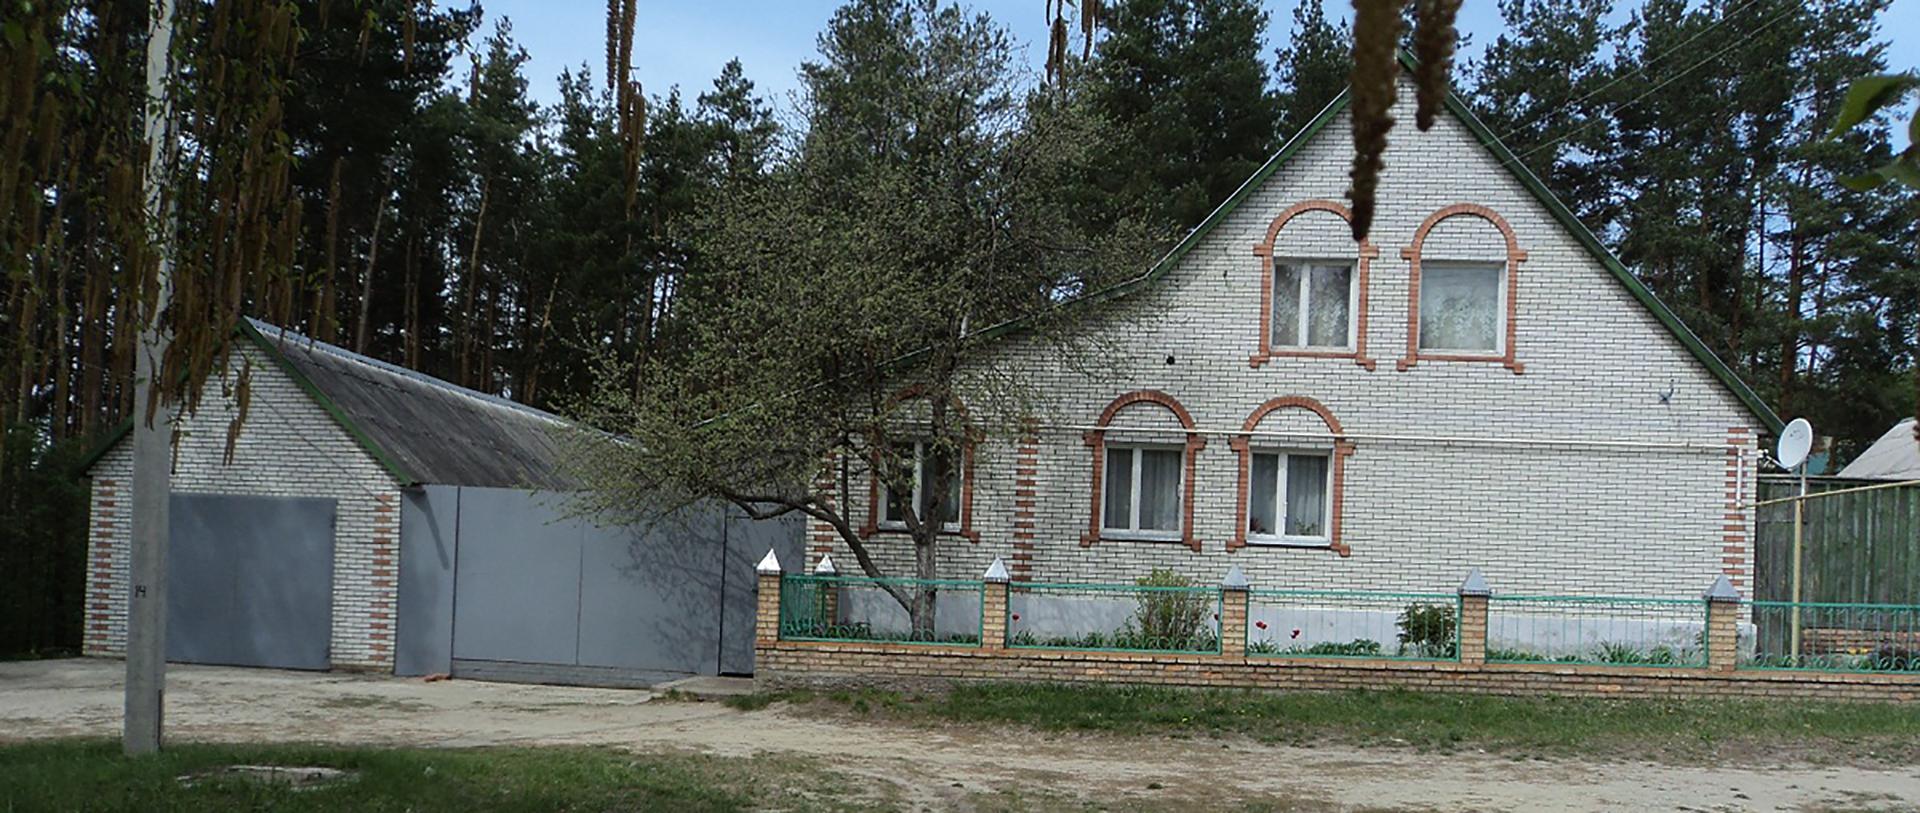 2 эт. дом в Пензенской области в рабочем поселке Чаадаевка 175м.кв.